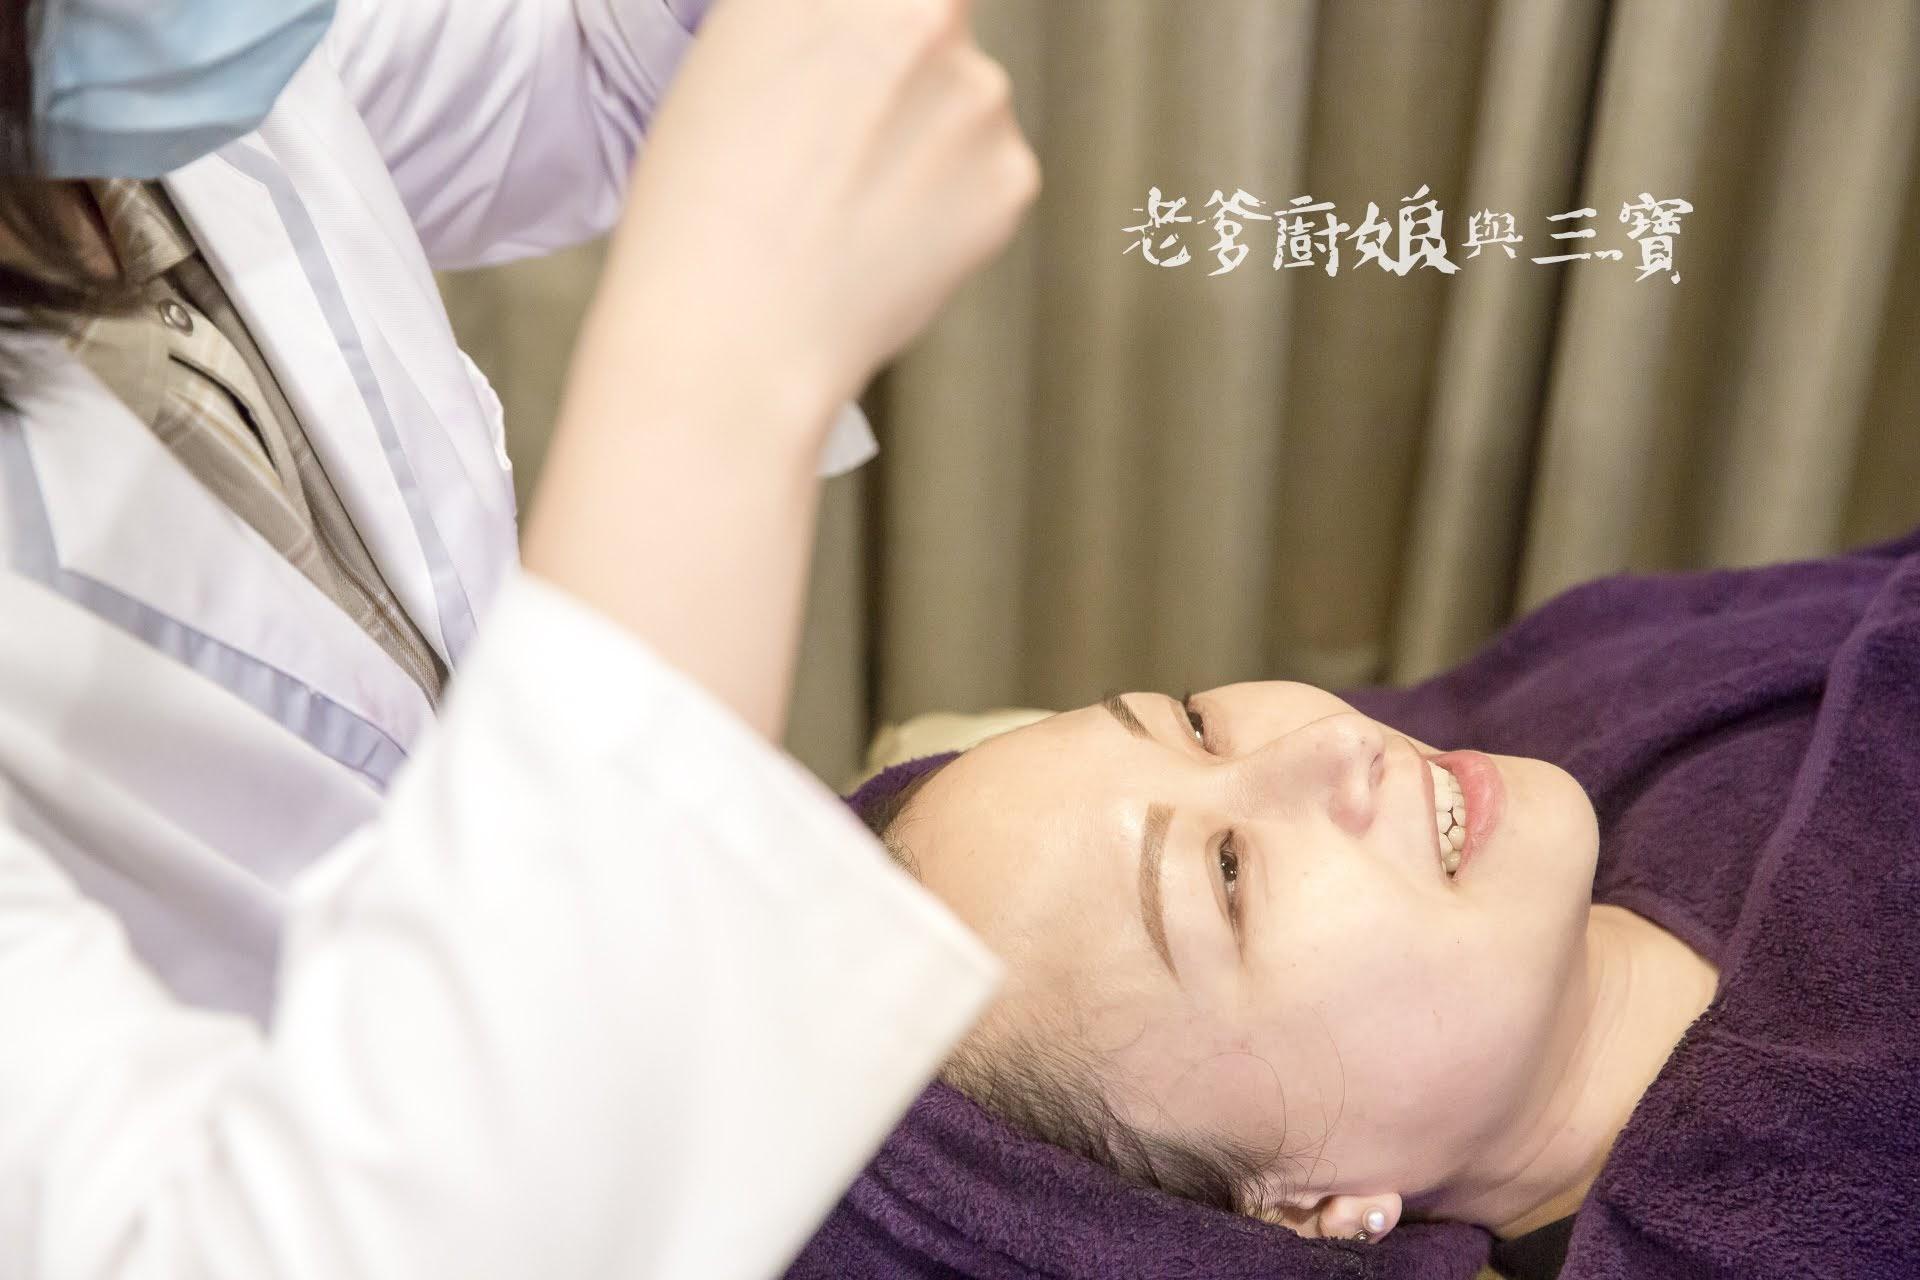 來去Perfect Beauty體驗一堂日本過海的HIFU(ハイフ)高密度焦點式超音波